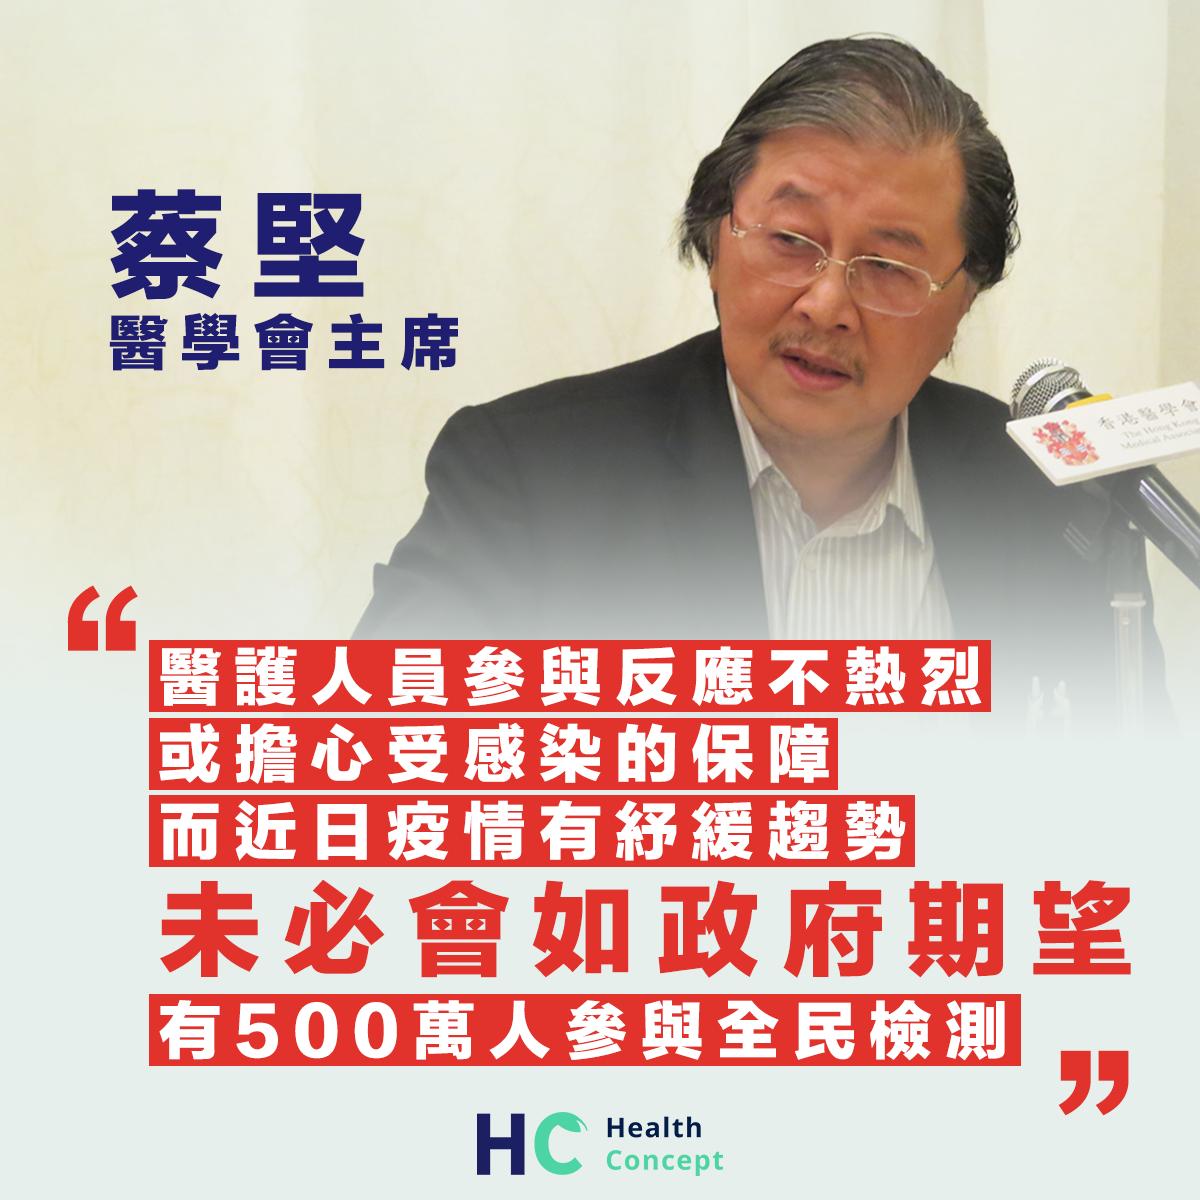 【新型肺炎】蔡堅:醫護人員對全民檢測工作反應不熱烈